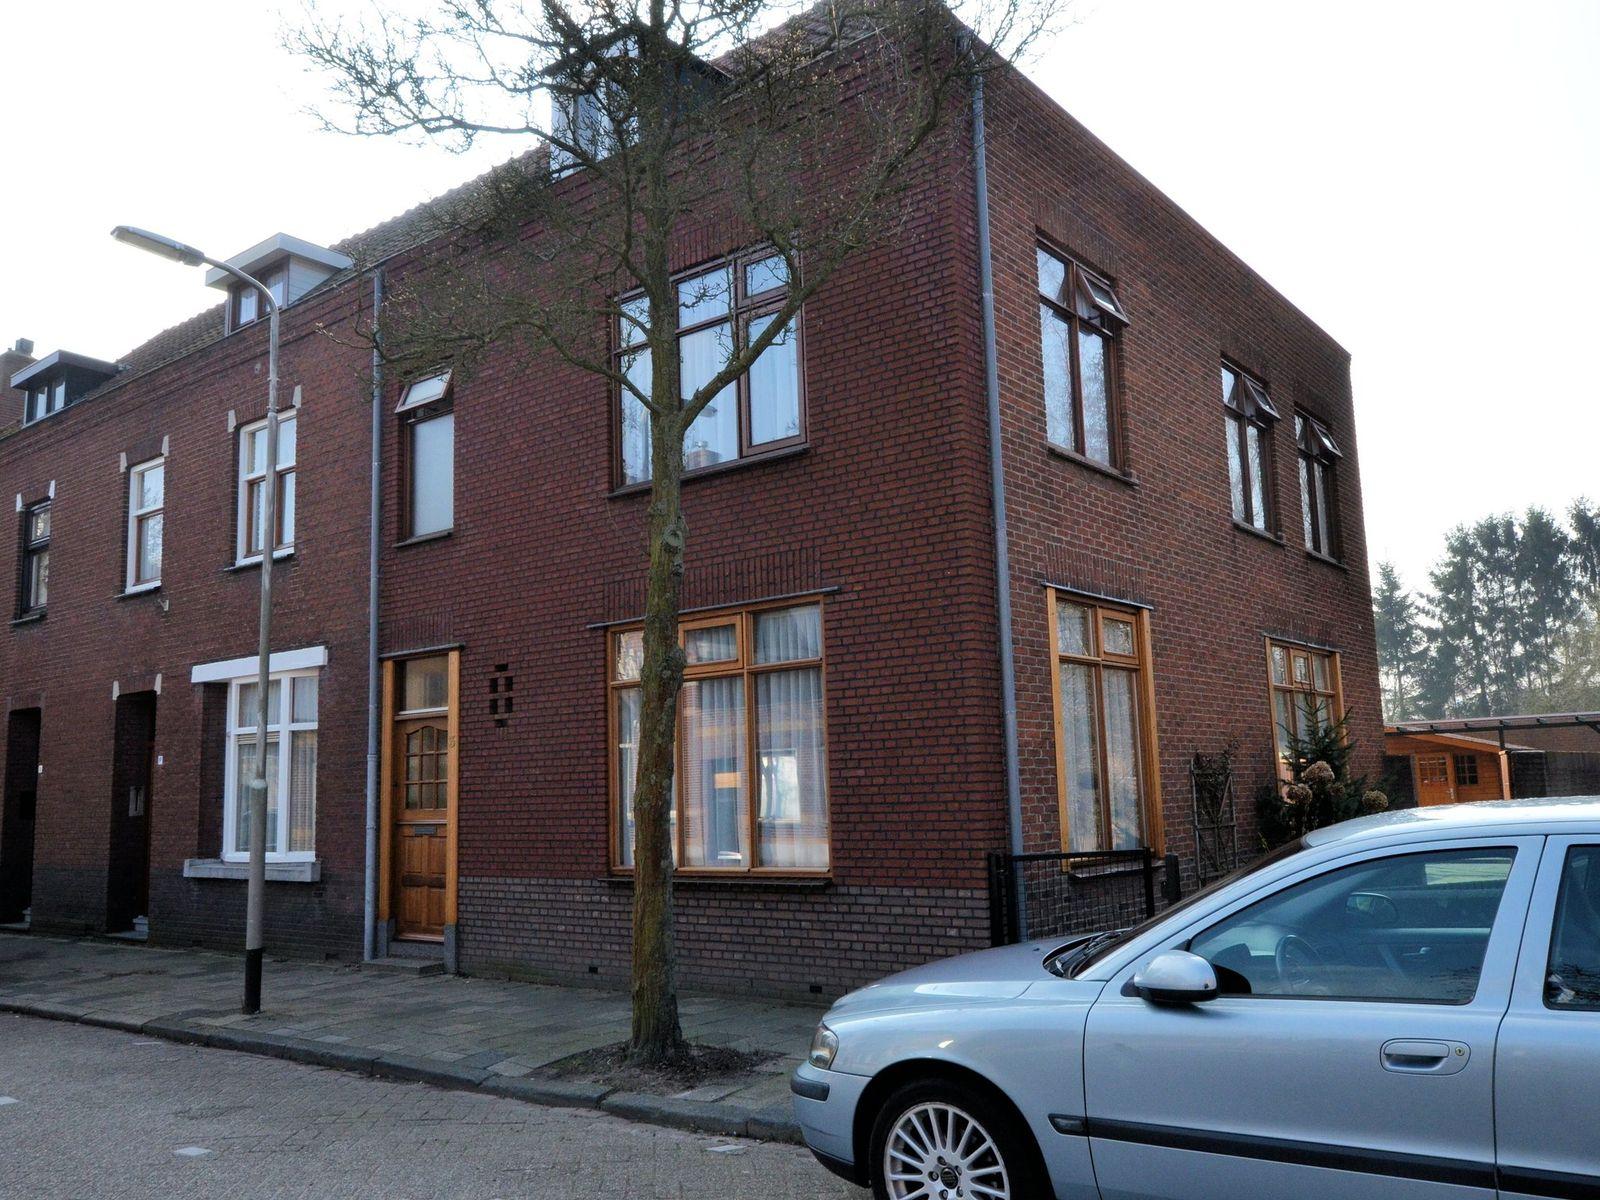 Boulevard Antverpia 3, Roosendaal